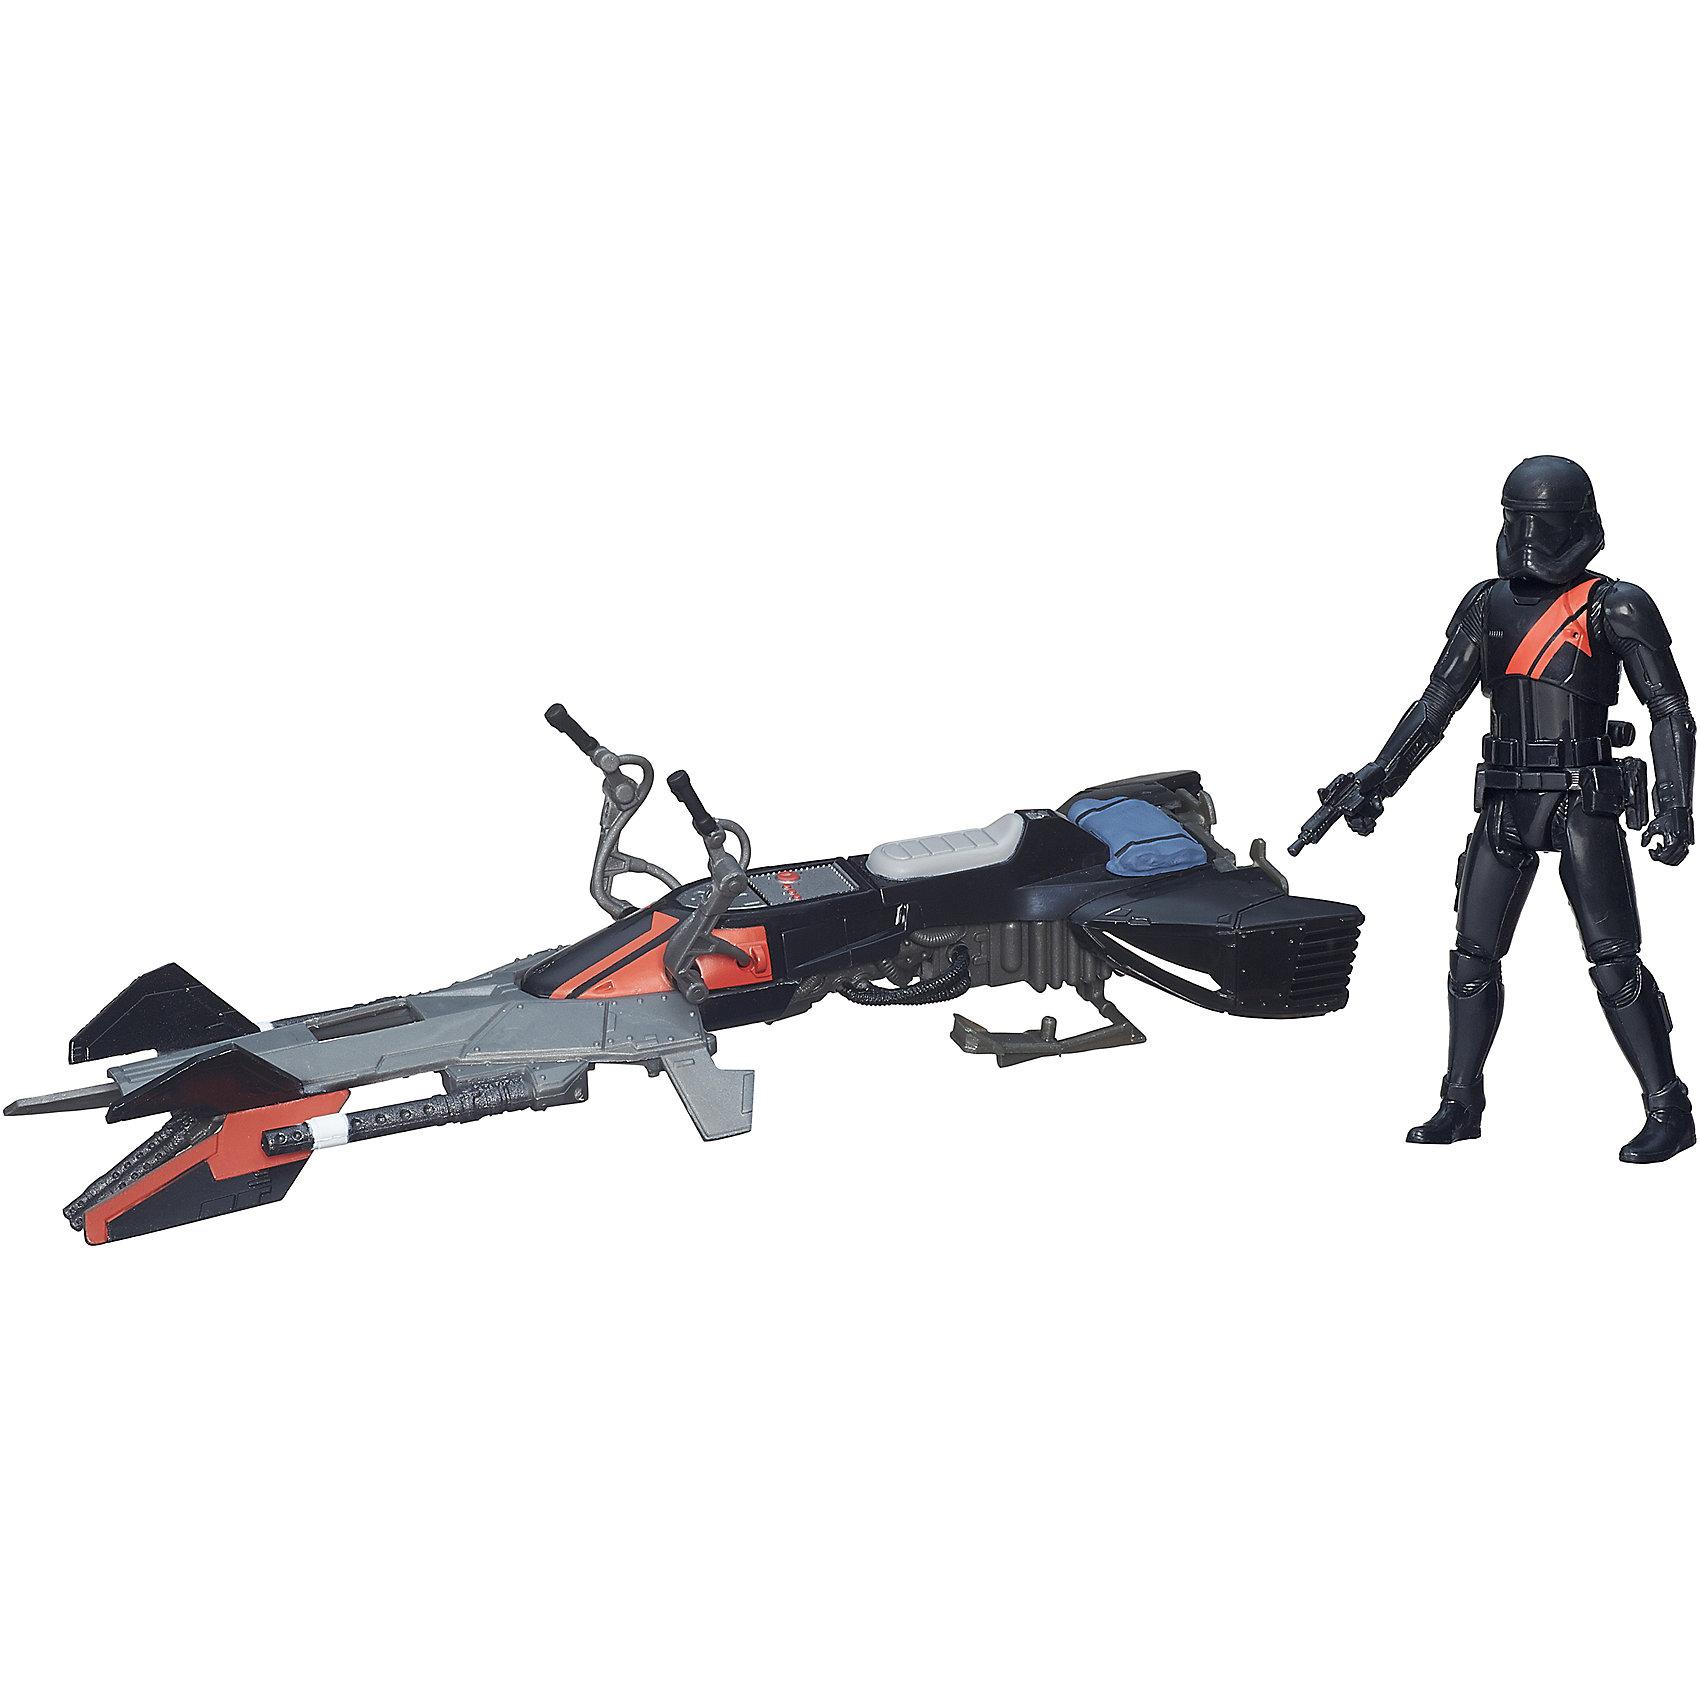 Космический корабль Класс I,  Звездные войны, B3718/B3716Игровые наборы<br>Этот набор приведет в восторг всех поклонников Star Wars. В него входит фигурка особого штурмовика в черной броне с элитным спидербайком, скоростным средством передвижения, использующимся для разведки. Игрушка выполнена из высококачественного пластика, прекрасно детализирована, безопасна для детей. Собери все фигурки серии, открой для себя захватывающие истории борьбы добра со злом в галактике космических кораблей и машин!<br><br>Дополнительная информация:<br><br>- Комплектация: фигурка, спидербайк, аксессуары.<br>- Материал: пластик.<br>- Голова, руки, ноги фигурки подвижные. <br>- Размер фигурки: 9,5 см.<br>- Размер упаковки: 29,7,5х22 см. <br><br>Набор Космический корабль Класс I,  Звездные войны (Star Wars) можно купить в нашем магазине.<br><br>Ширина мм: 83<br>Глубина мм: 294<br>Высота мм: 228<br>Вес г: 261<br>Возраст от месяцев: 36<br>Возраст до месяцев: 192<br>Пол: Мужской<br>Возраст: Детский<br>SKU: 4563912